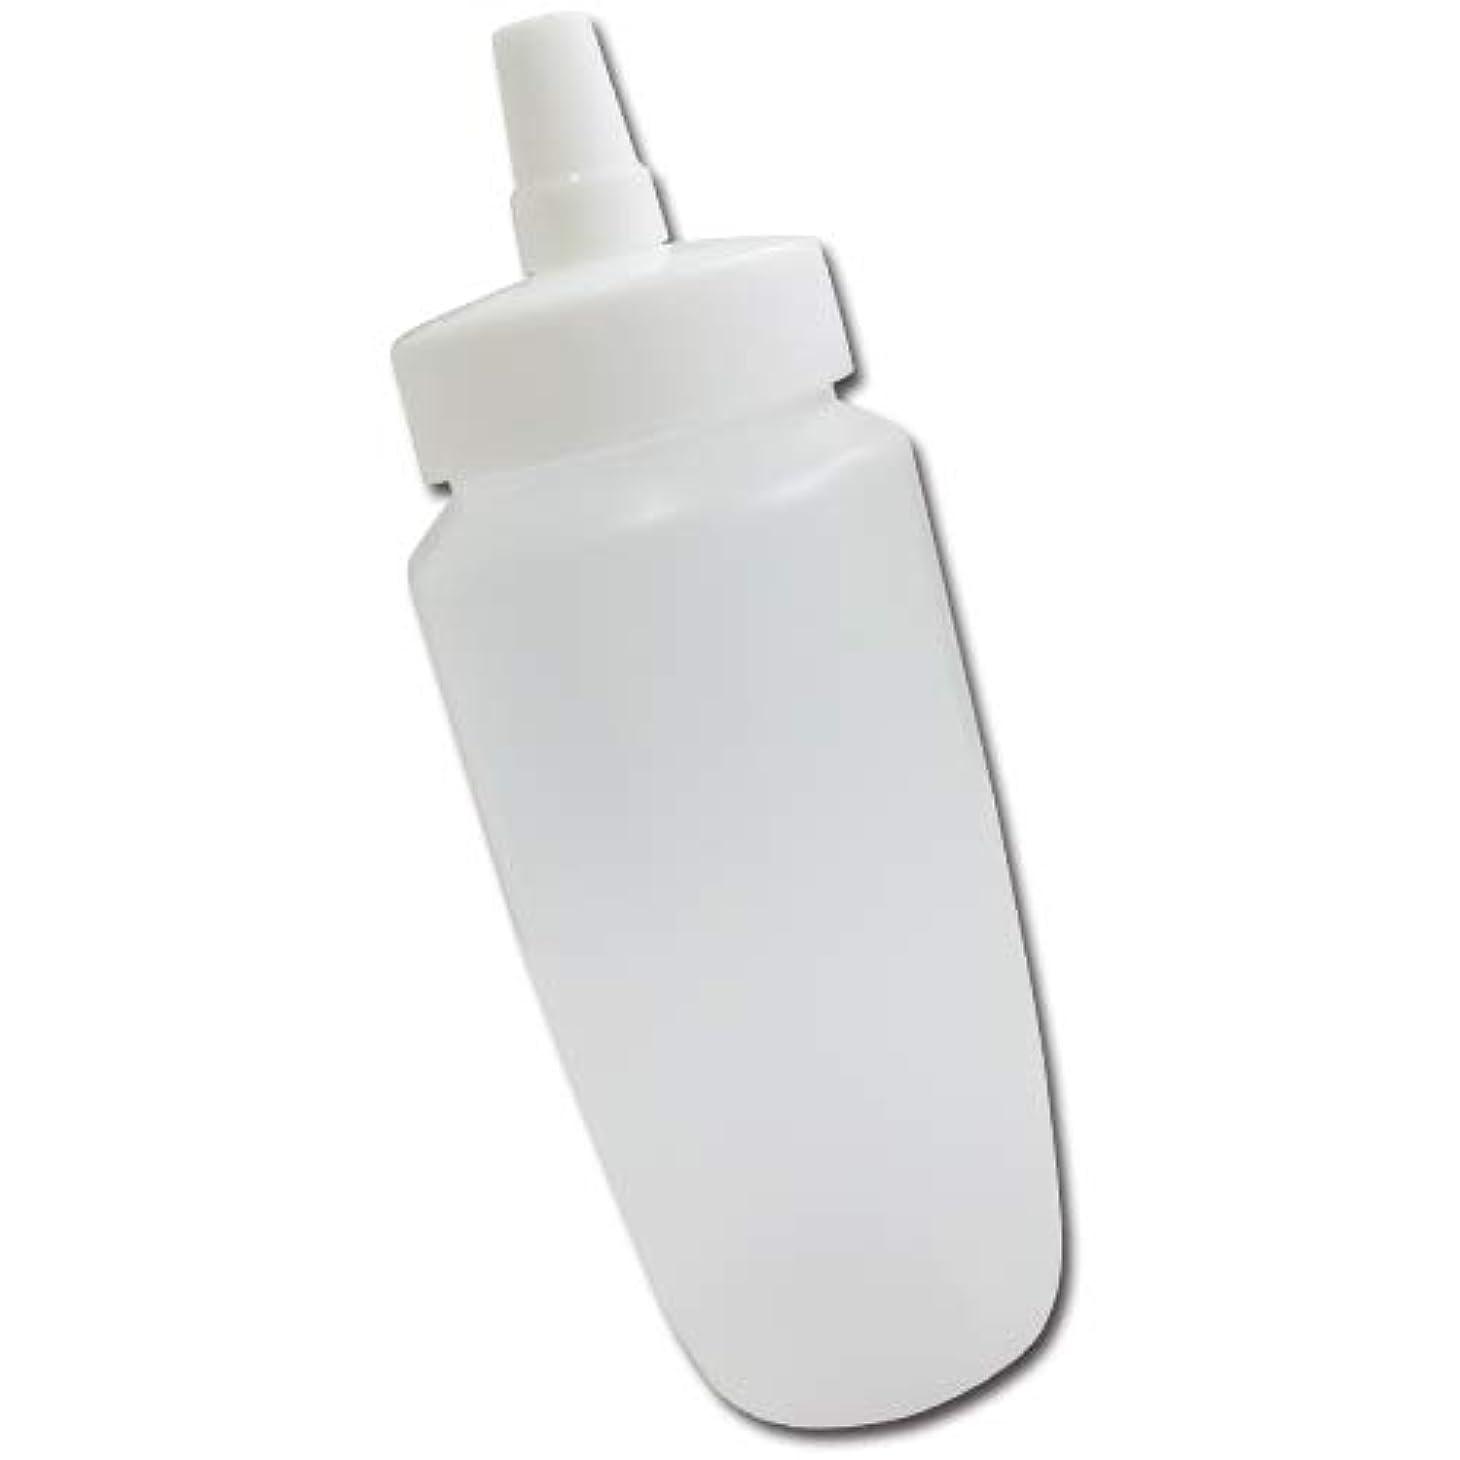 弱い寄生虫リハーサルはちみつ容器360ml(ホワイトキャップ)│業務用ローションや調味料の小分けに詰め替え用ハチミツ容器(蜂蜜容器)はちみつボトル